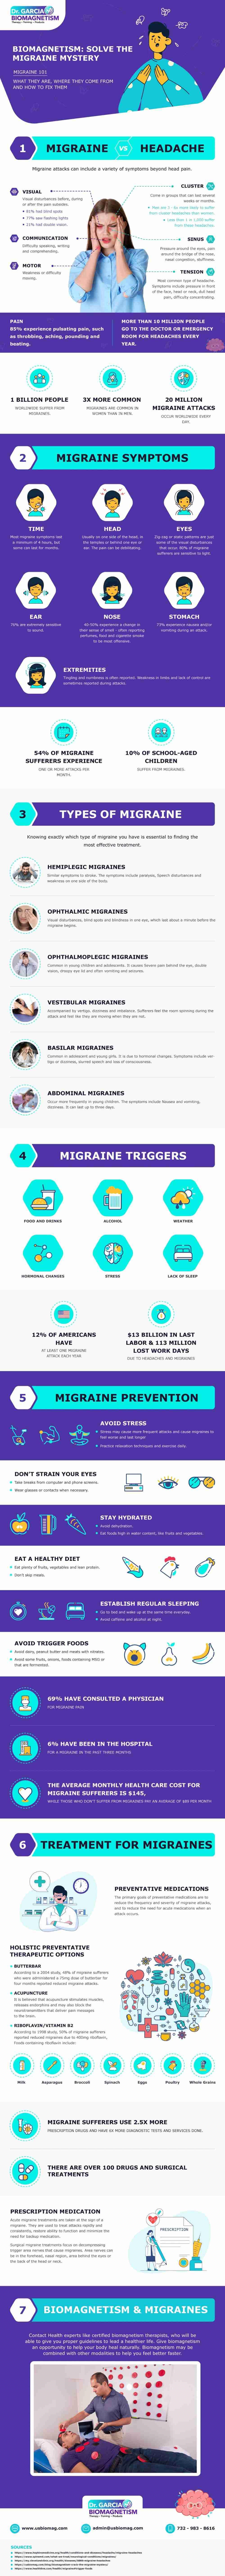 How Migraine Happens: Symptoms, Triggers & Prevention